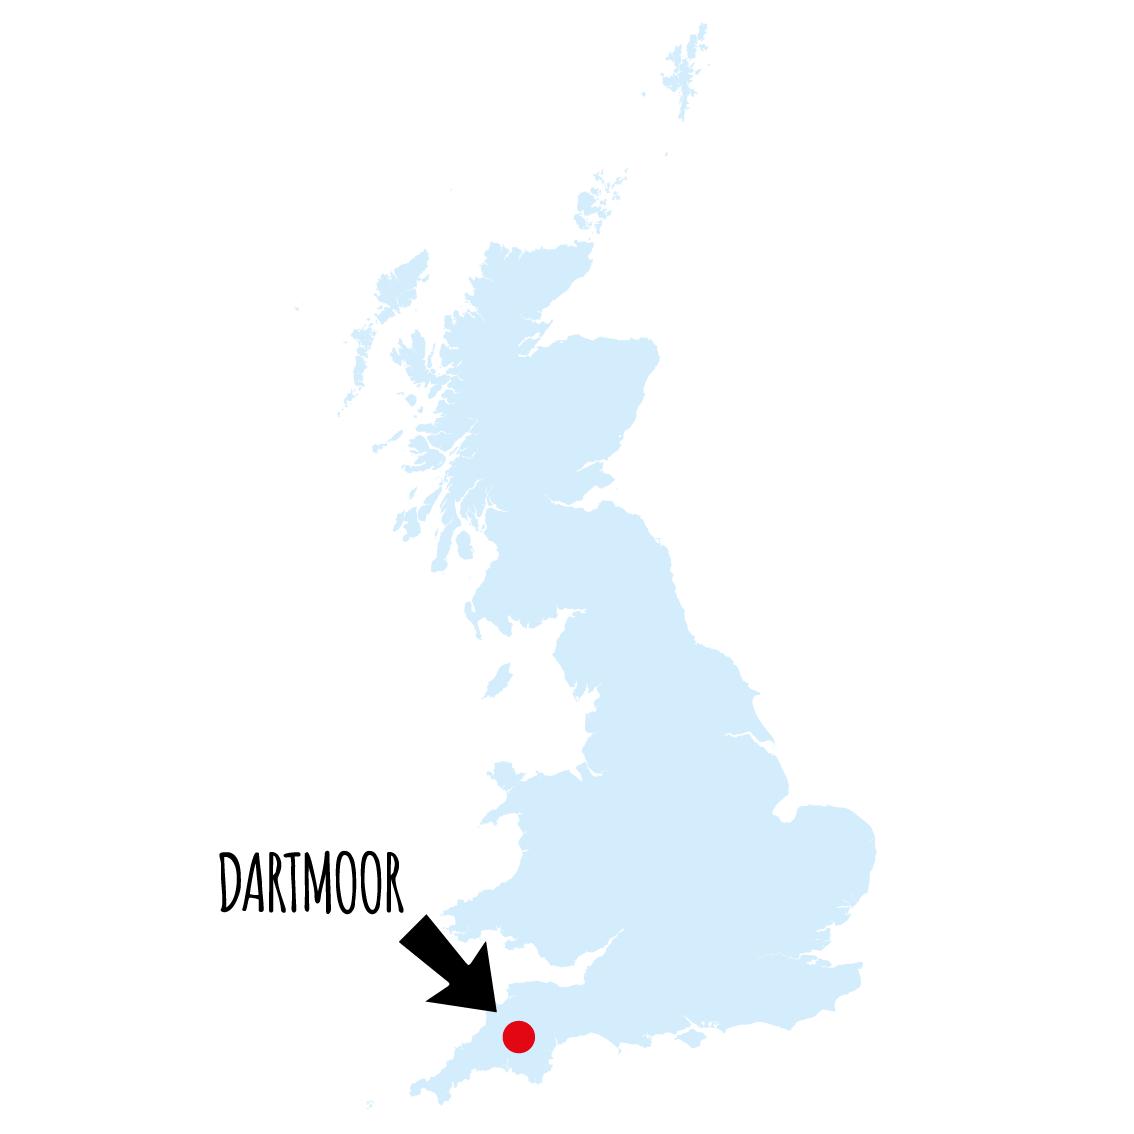 dartmoor-map.png